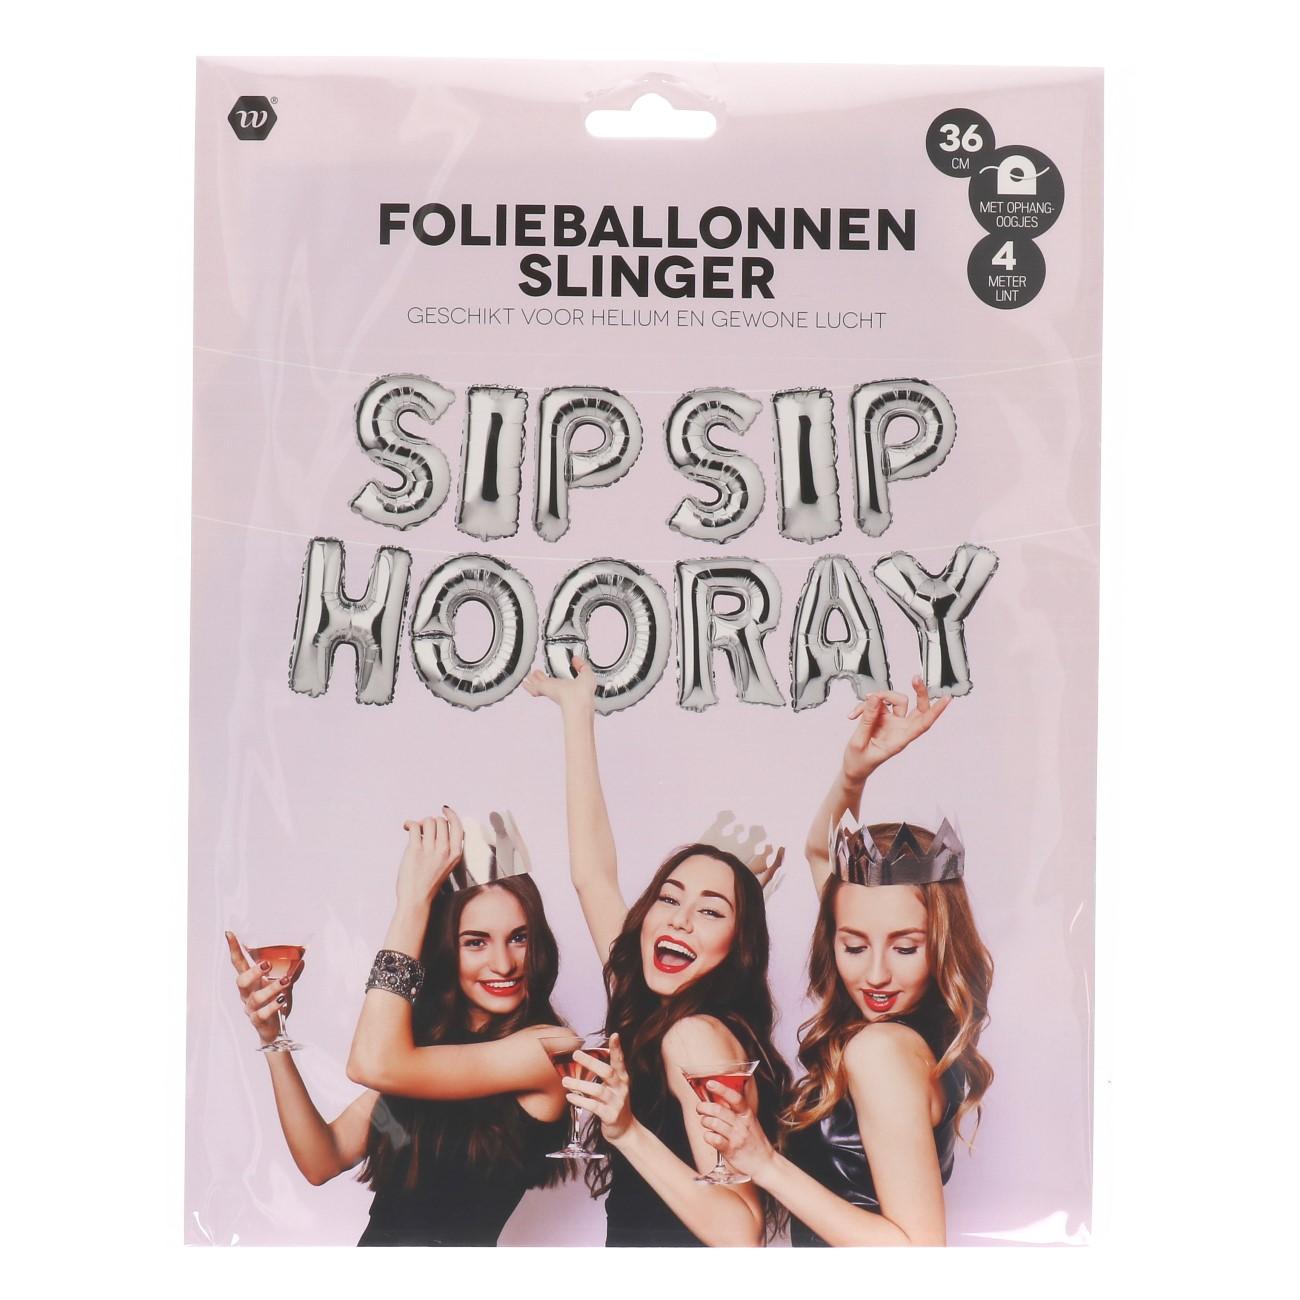 Folieballon slinger sip sip hooray